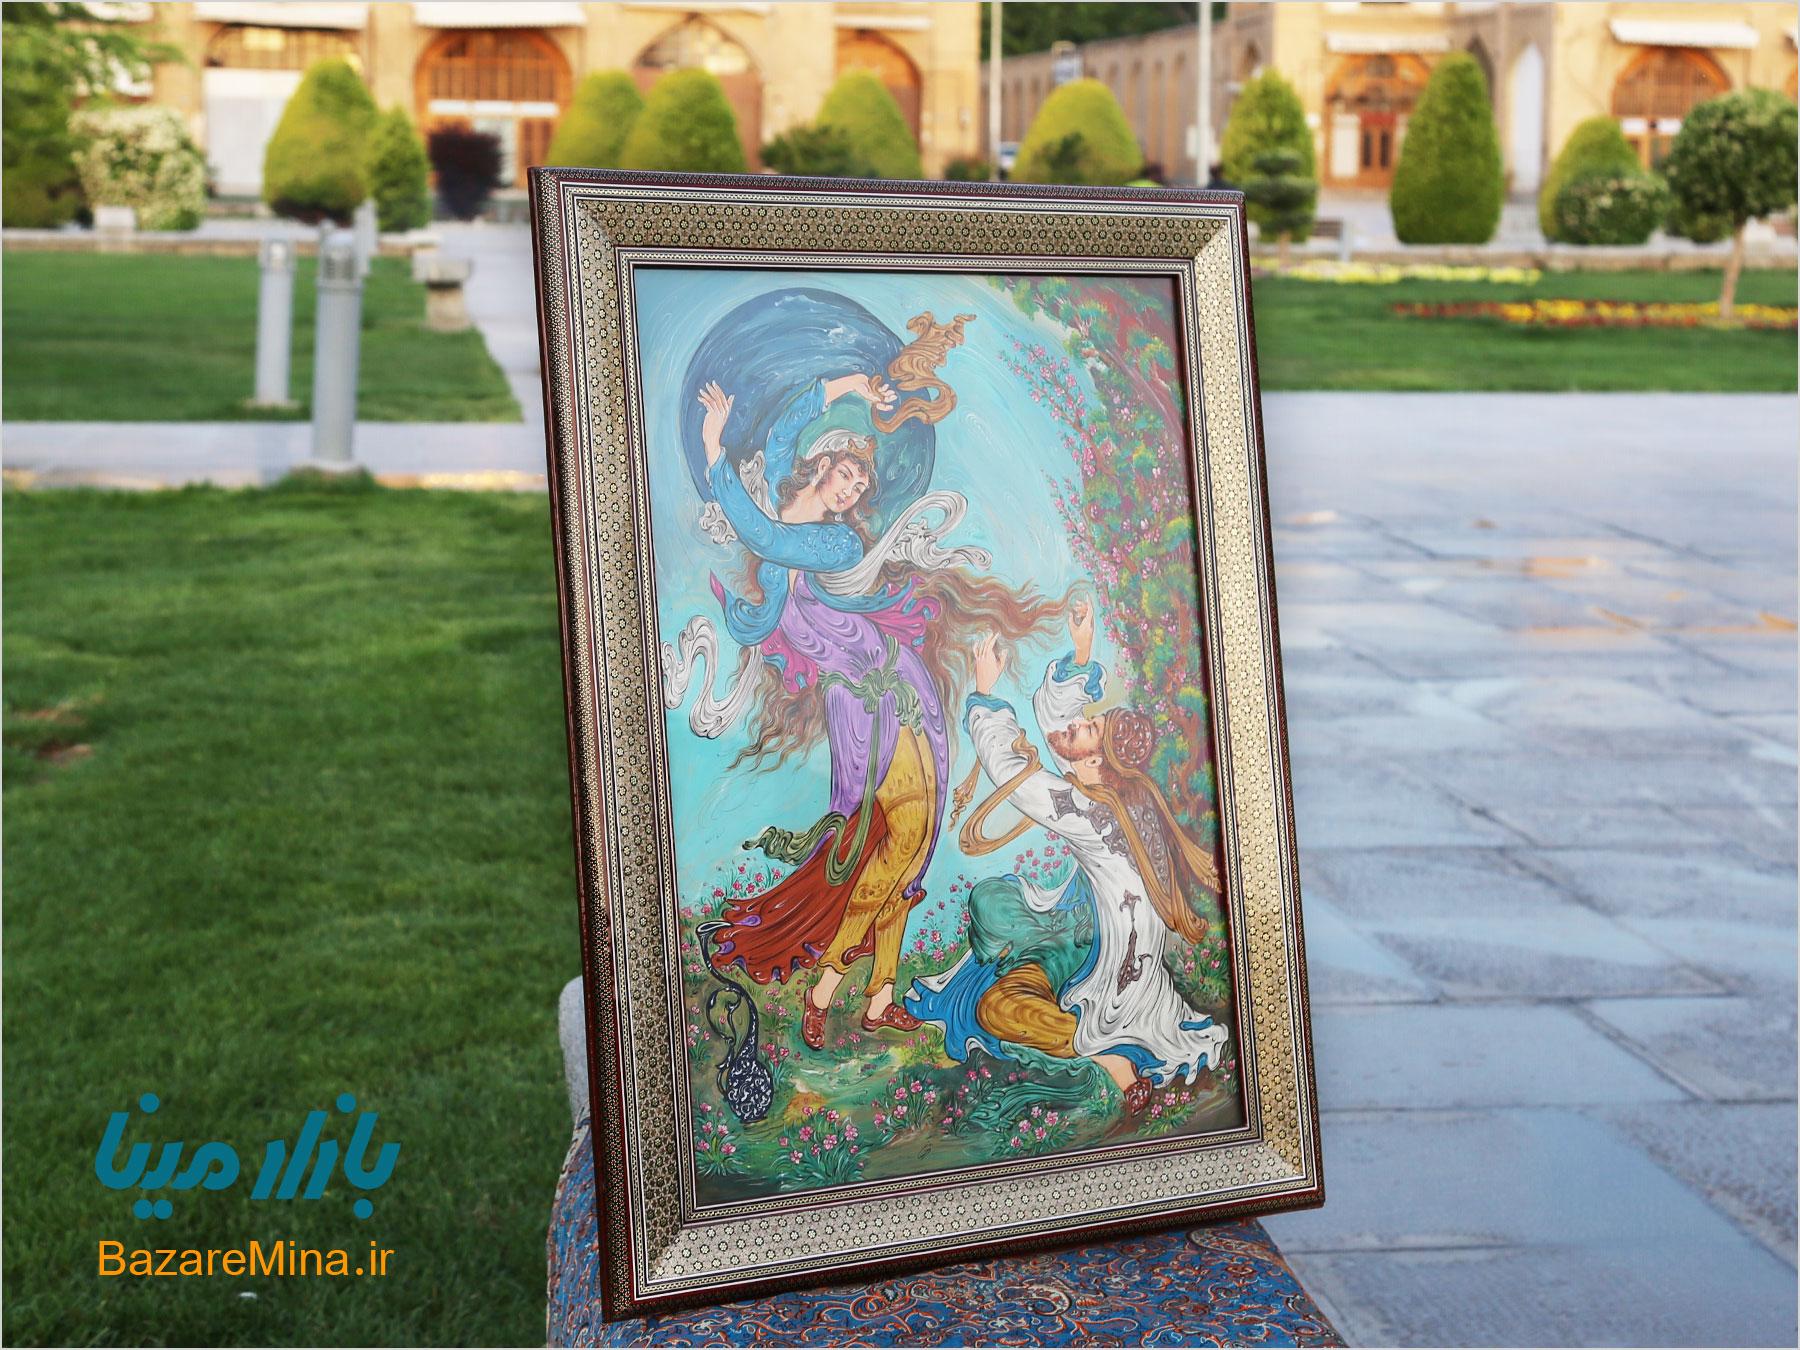 نقاشی مینیاتور اصفهان